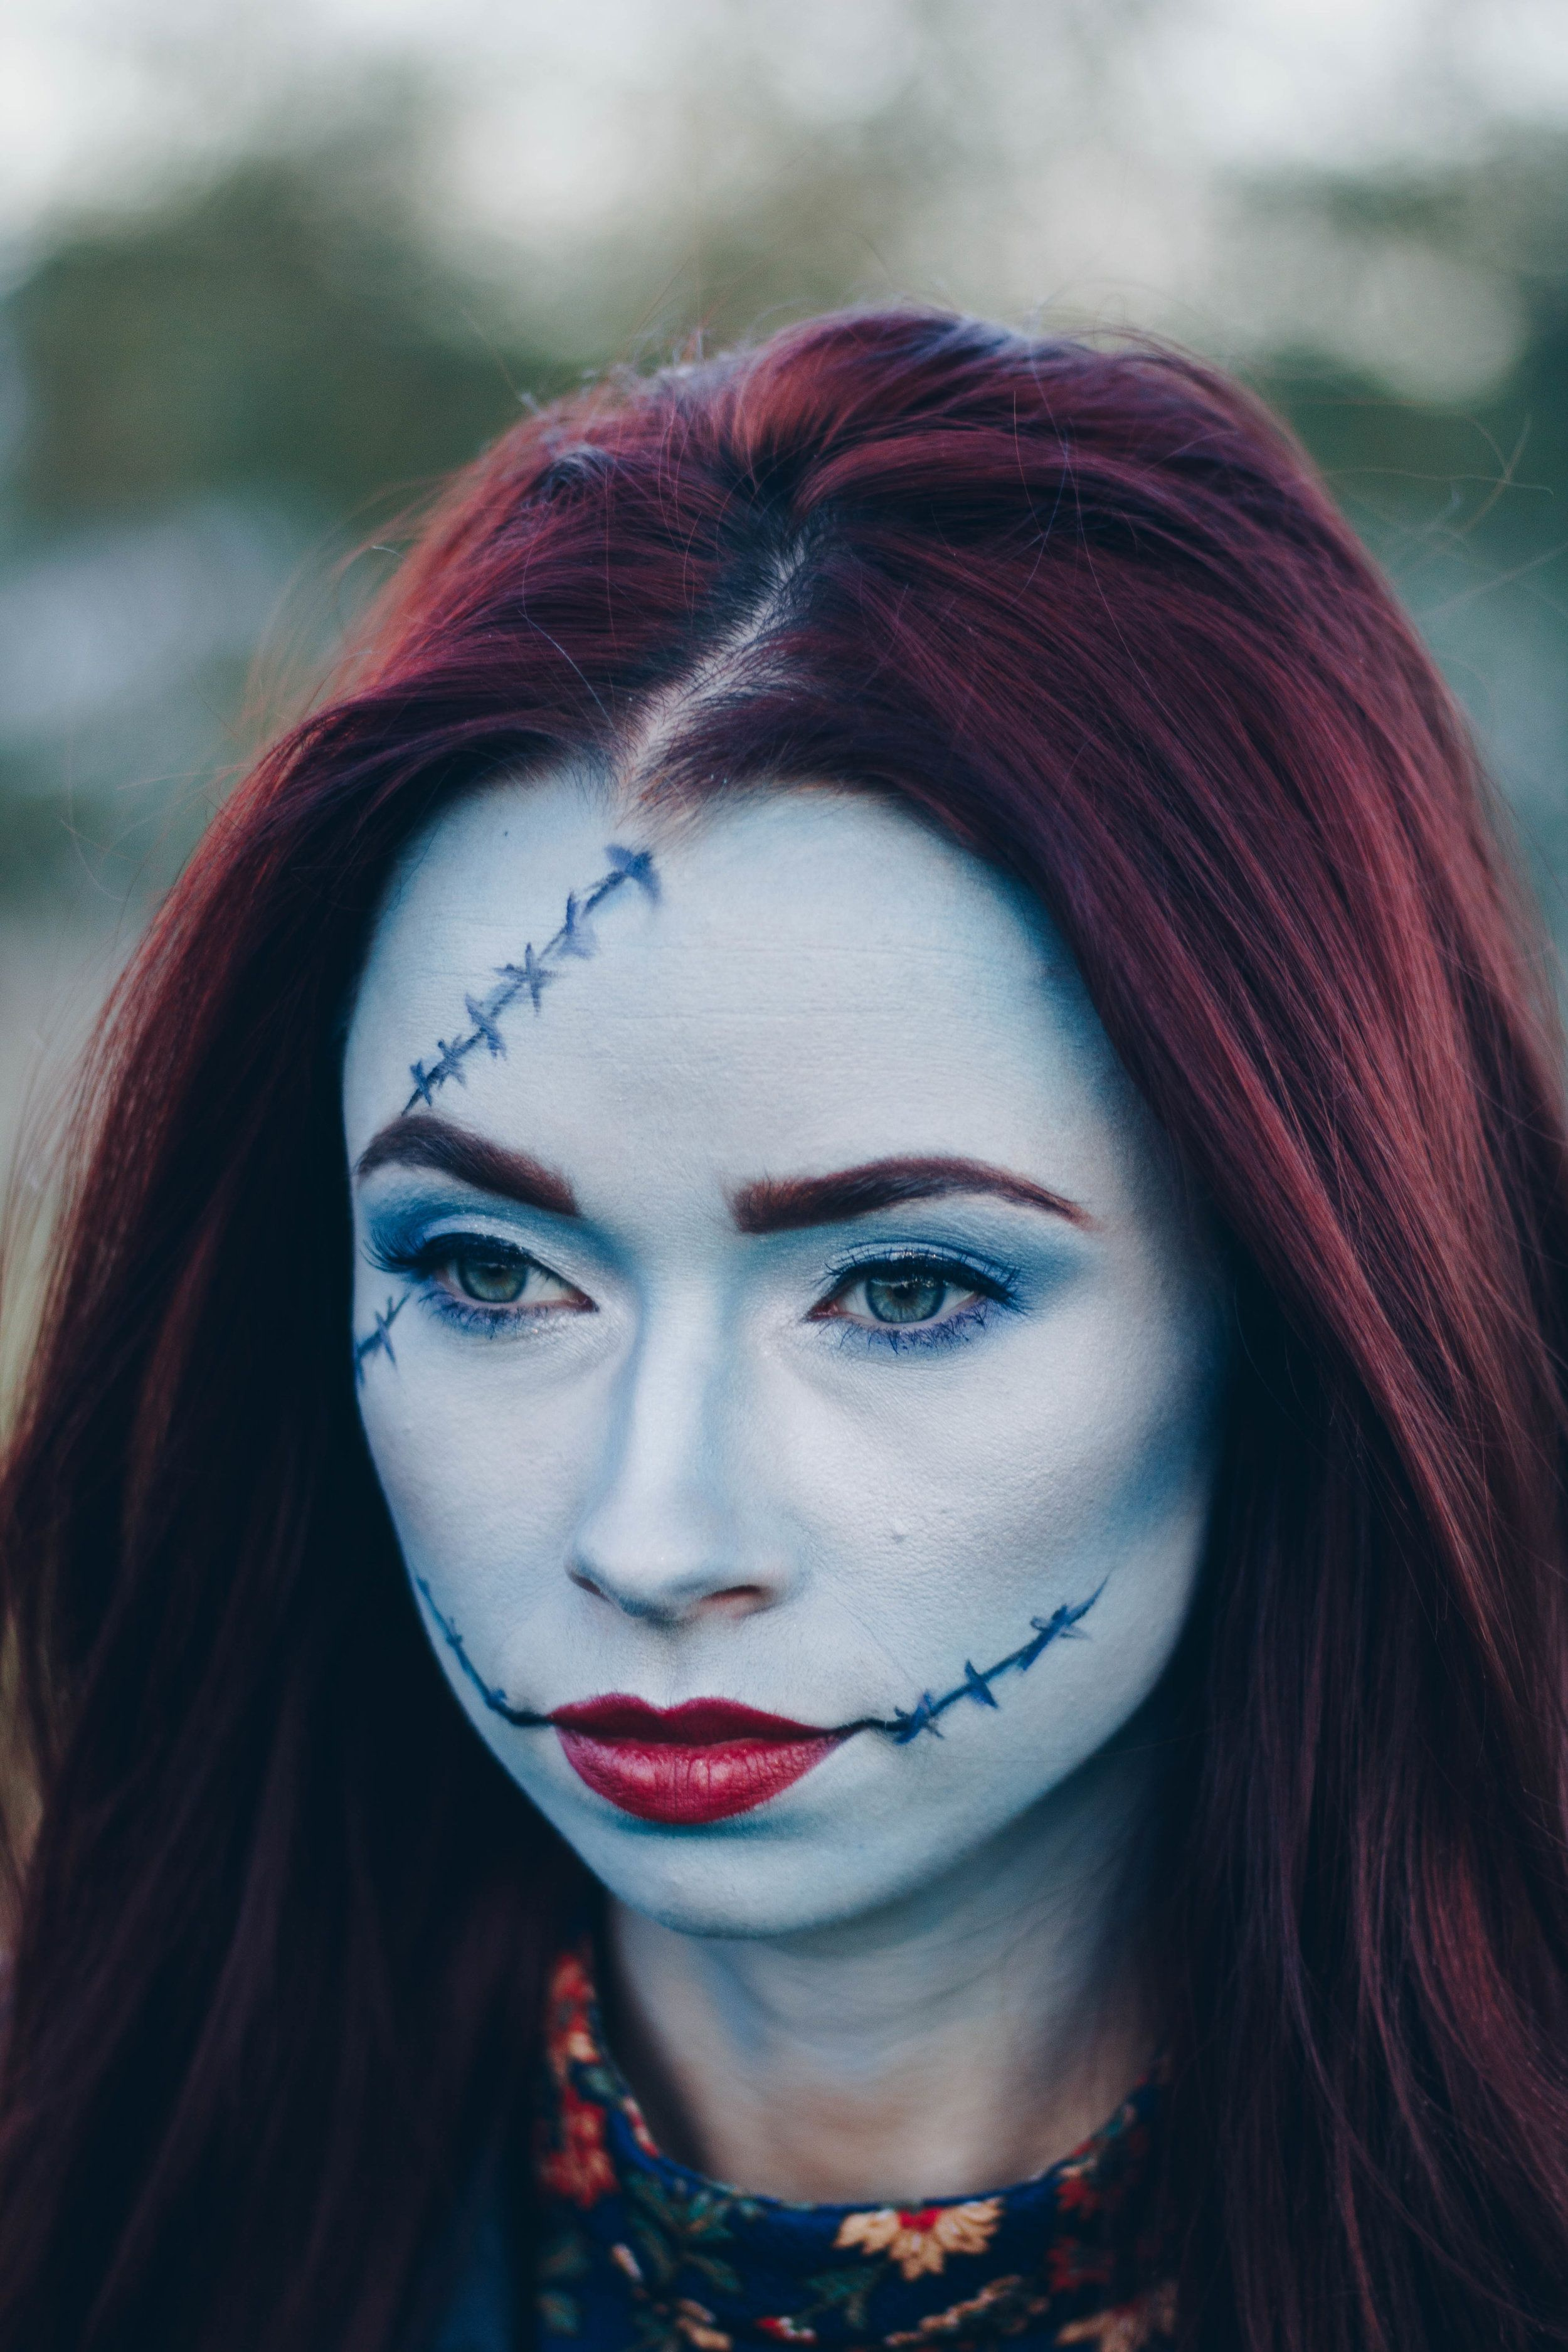 Nightmare Before Christmas Sally Makeup - Christmas Cards